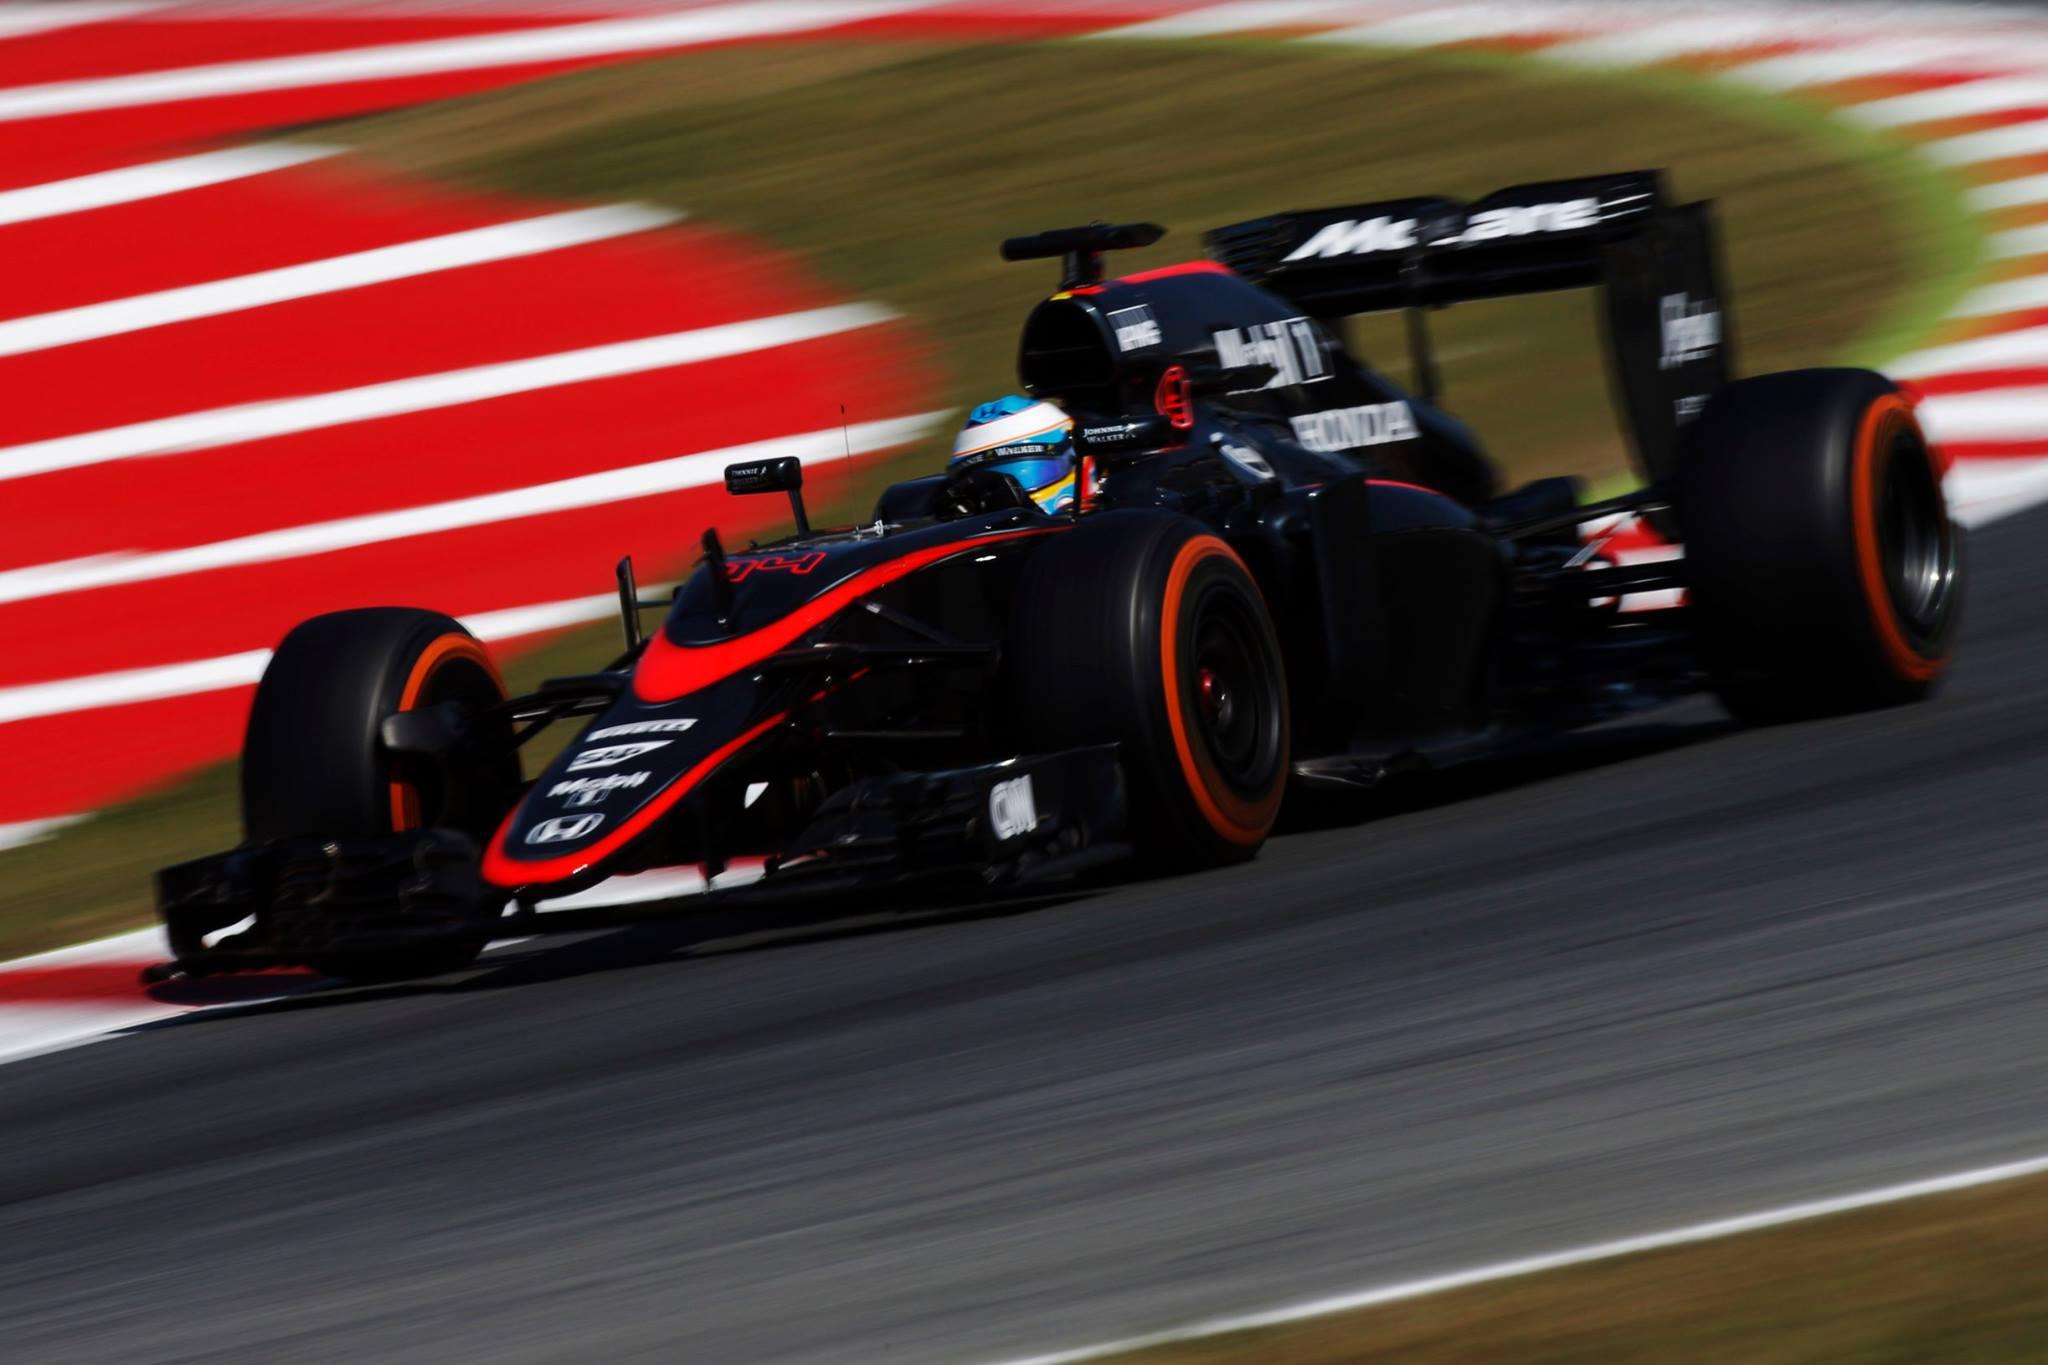 Mclaren de Fernando Alonso mostra evolução